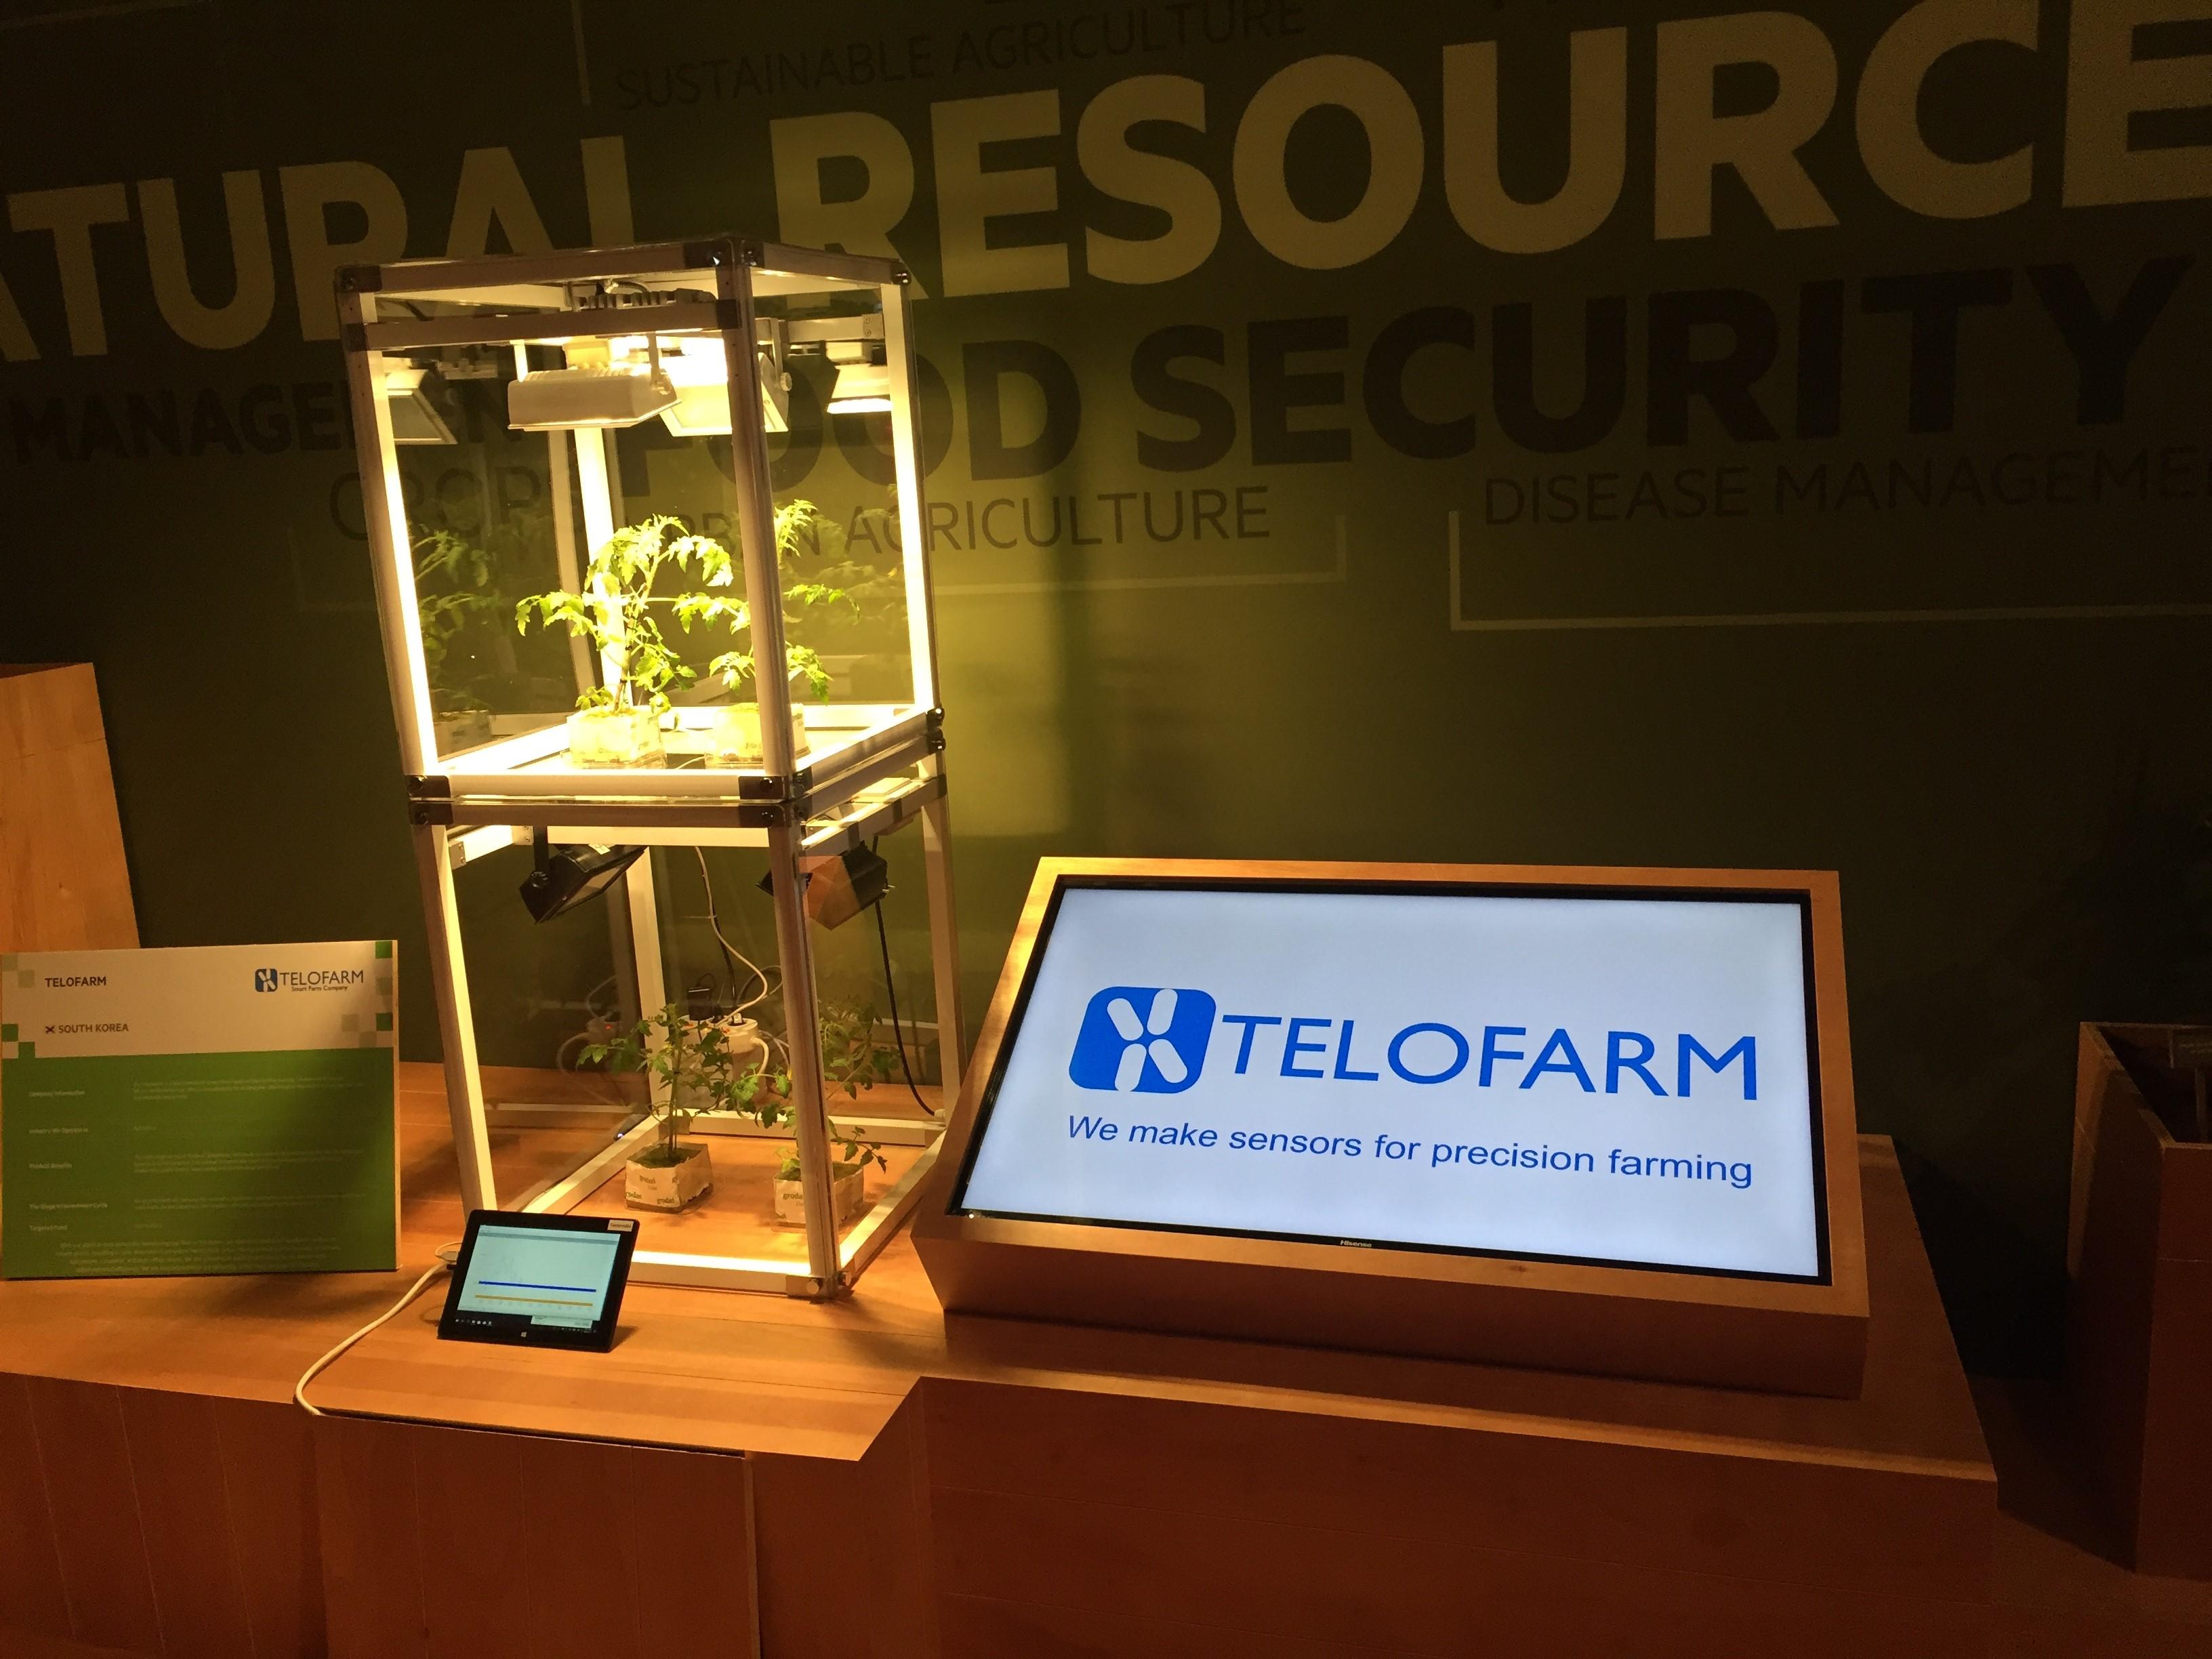 사진농업전시관에 마련된 주 텔로팜의 기술 소개 장비